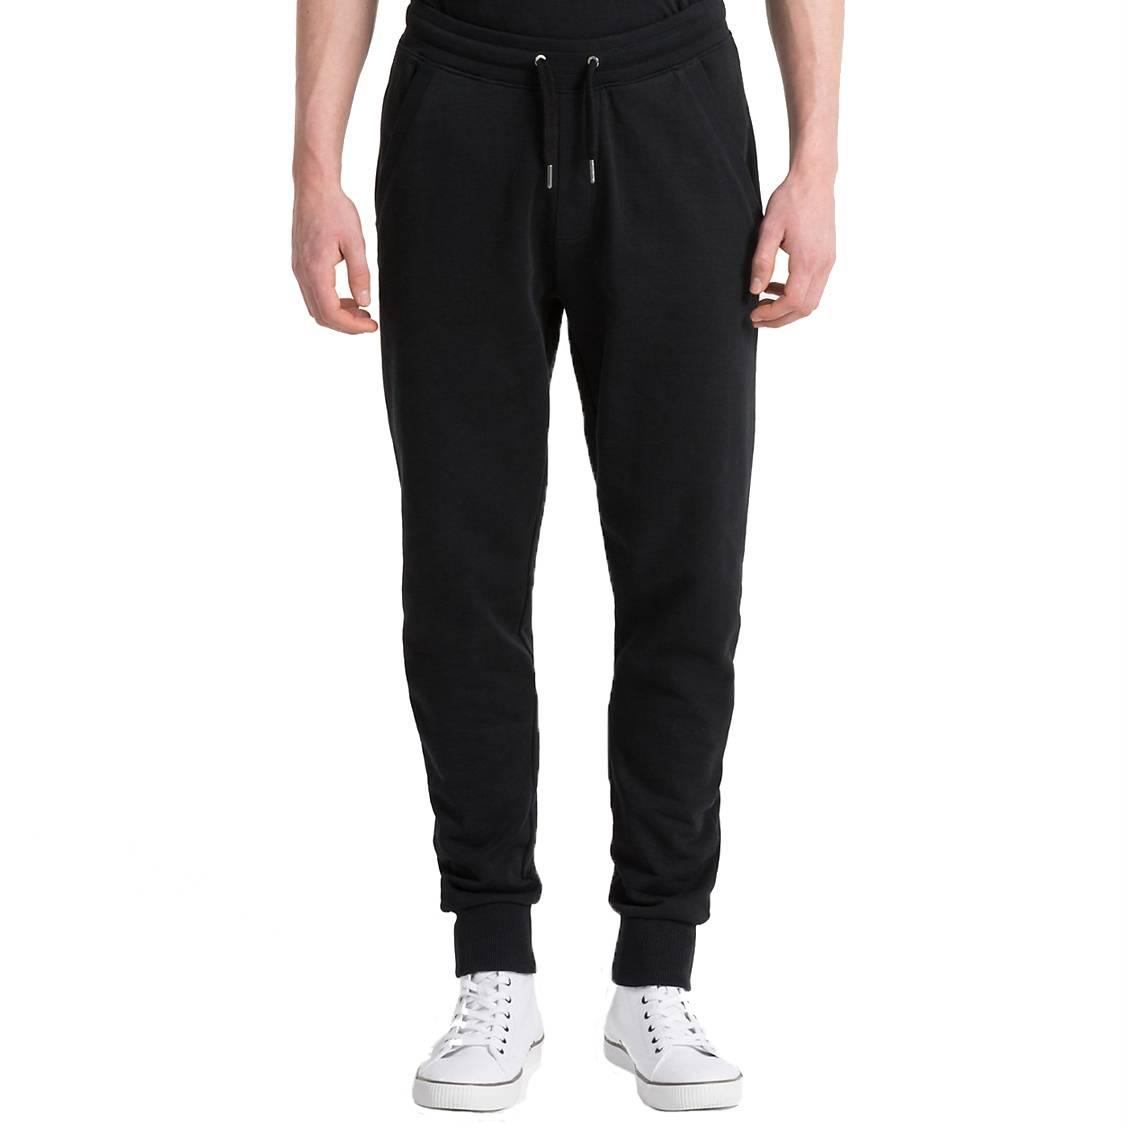 42a658c8cf8 Pantalon de jogging Calvin Klein Monogram Logo en coton noir ...